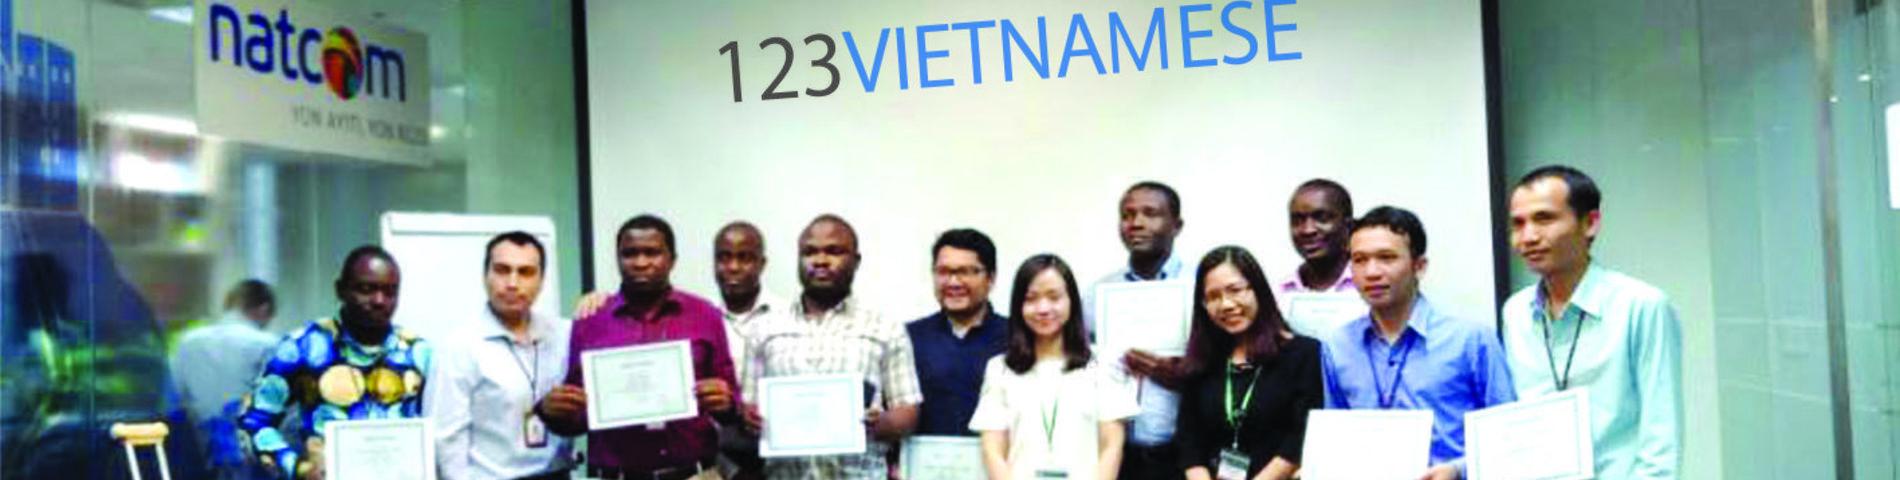 123 Vietnamese Center afbeelding 1